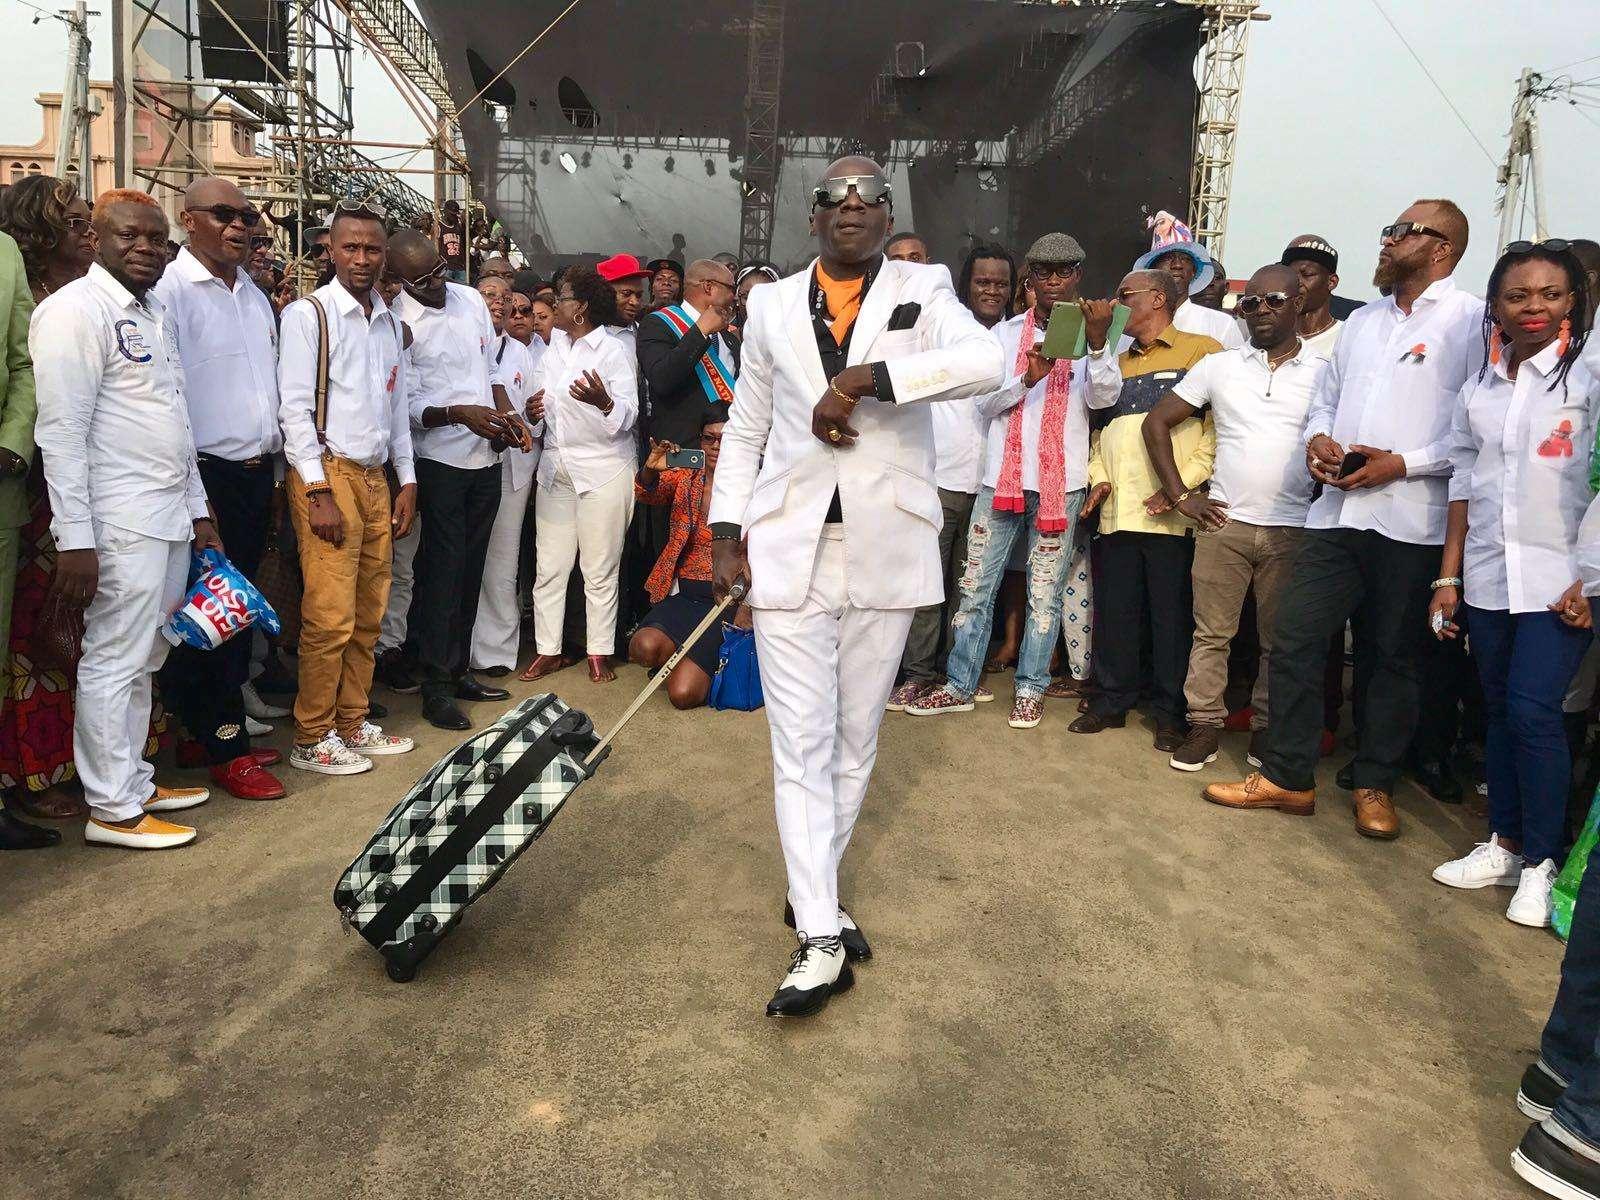 Impeccable de la tête aux pieds, un membre de la SAPE fait le show à Abidjan.